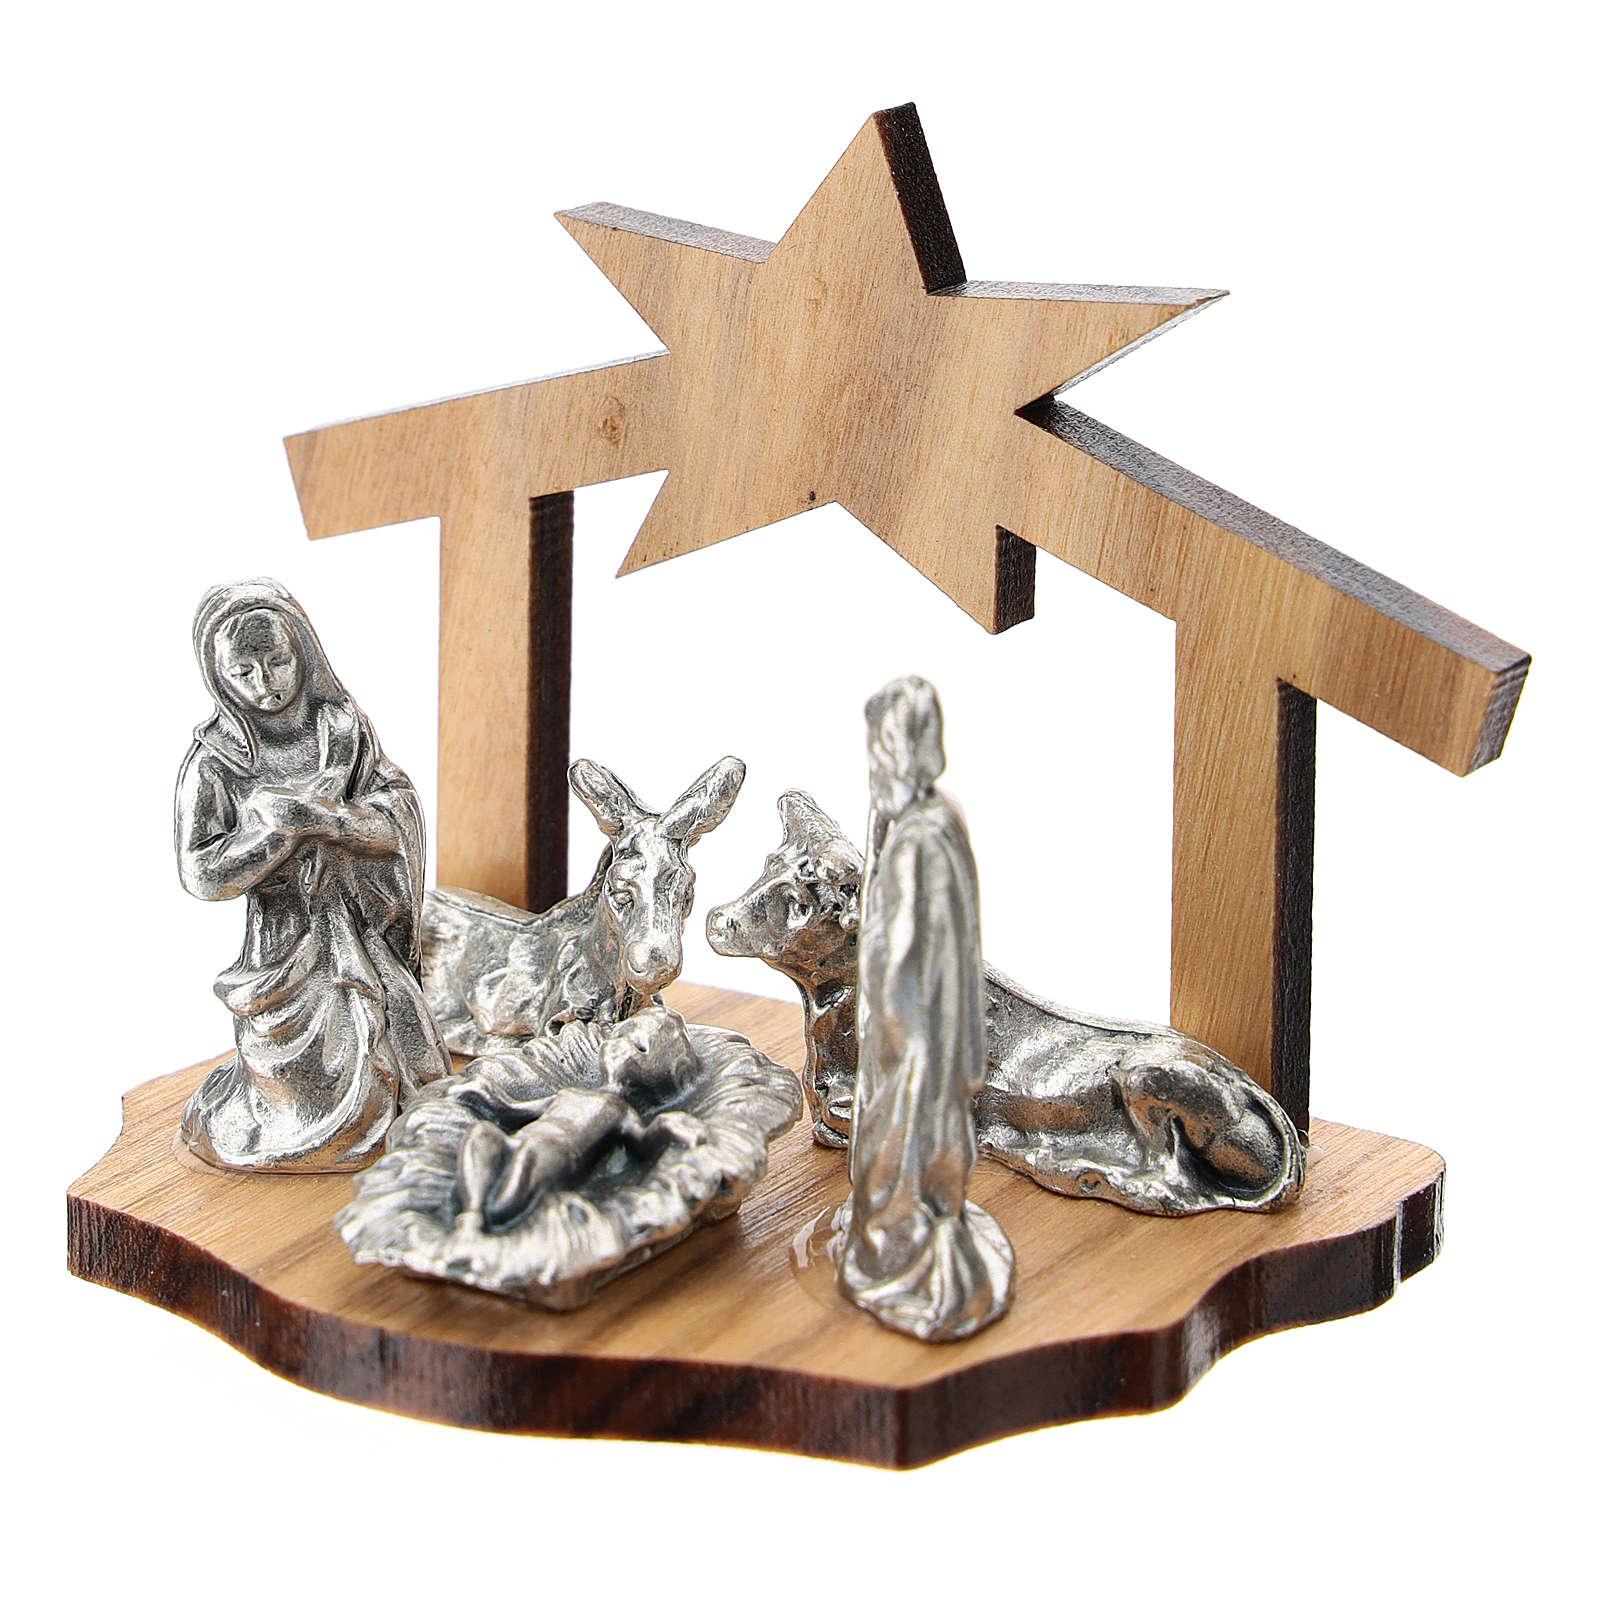 Natividad metal y cueva estilizada madera olivo 5 cm 3